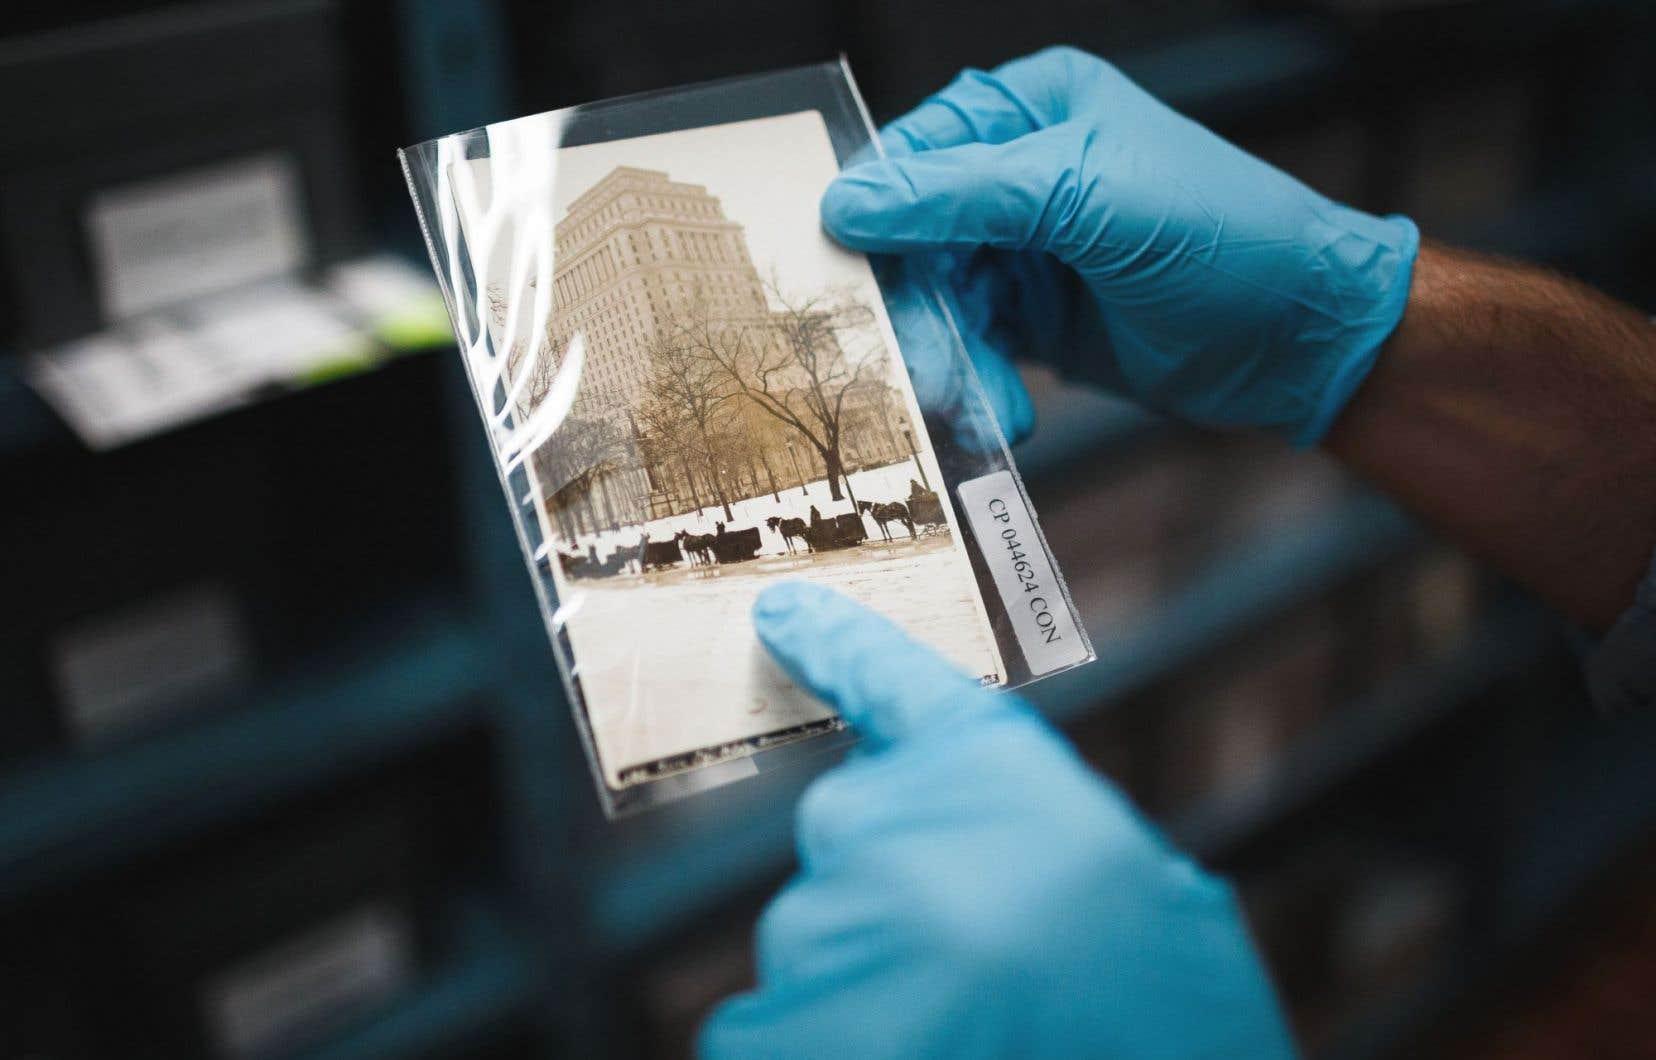 Bibliothèque et Archives nationales du Québec possède 7000 cartes postales consacrées entièrement à Montréal, datant de la fin du XIXesiècle jusqu'aux années 1960.